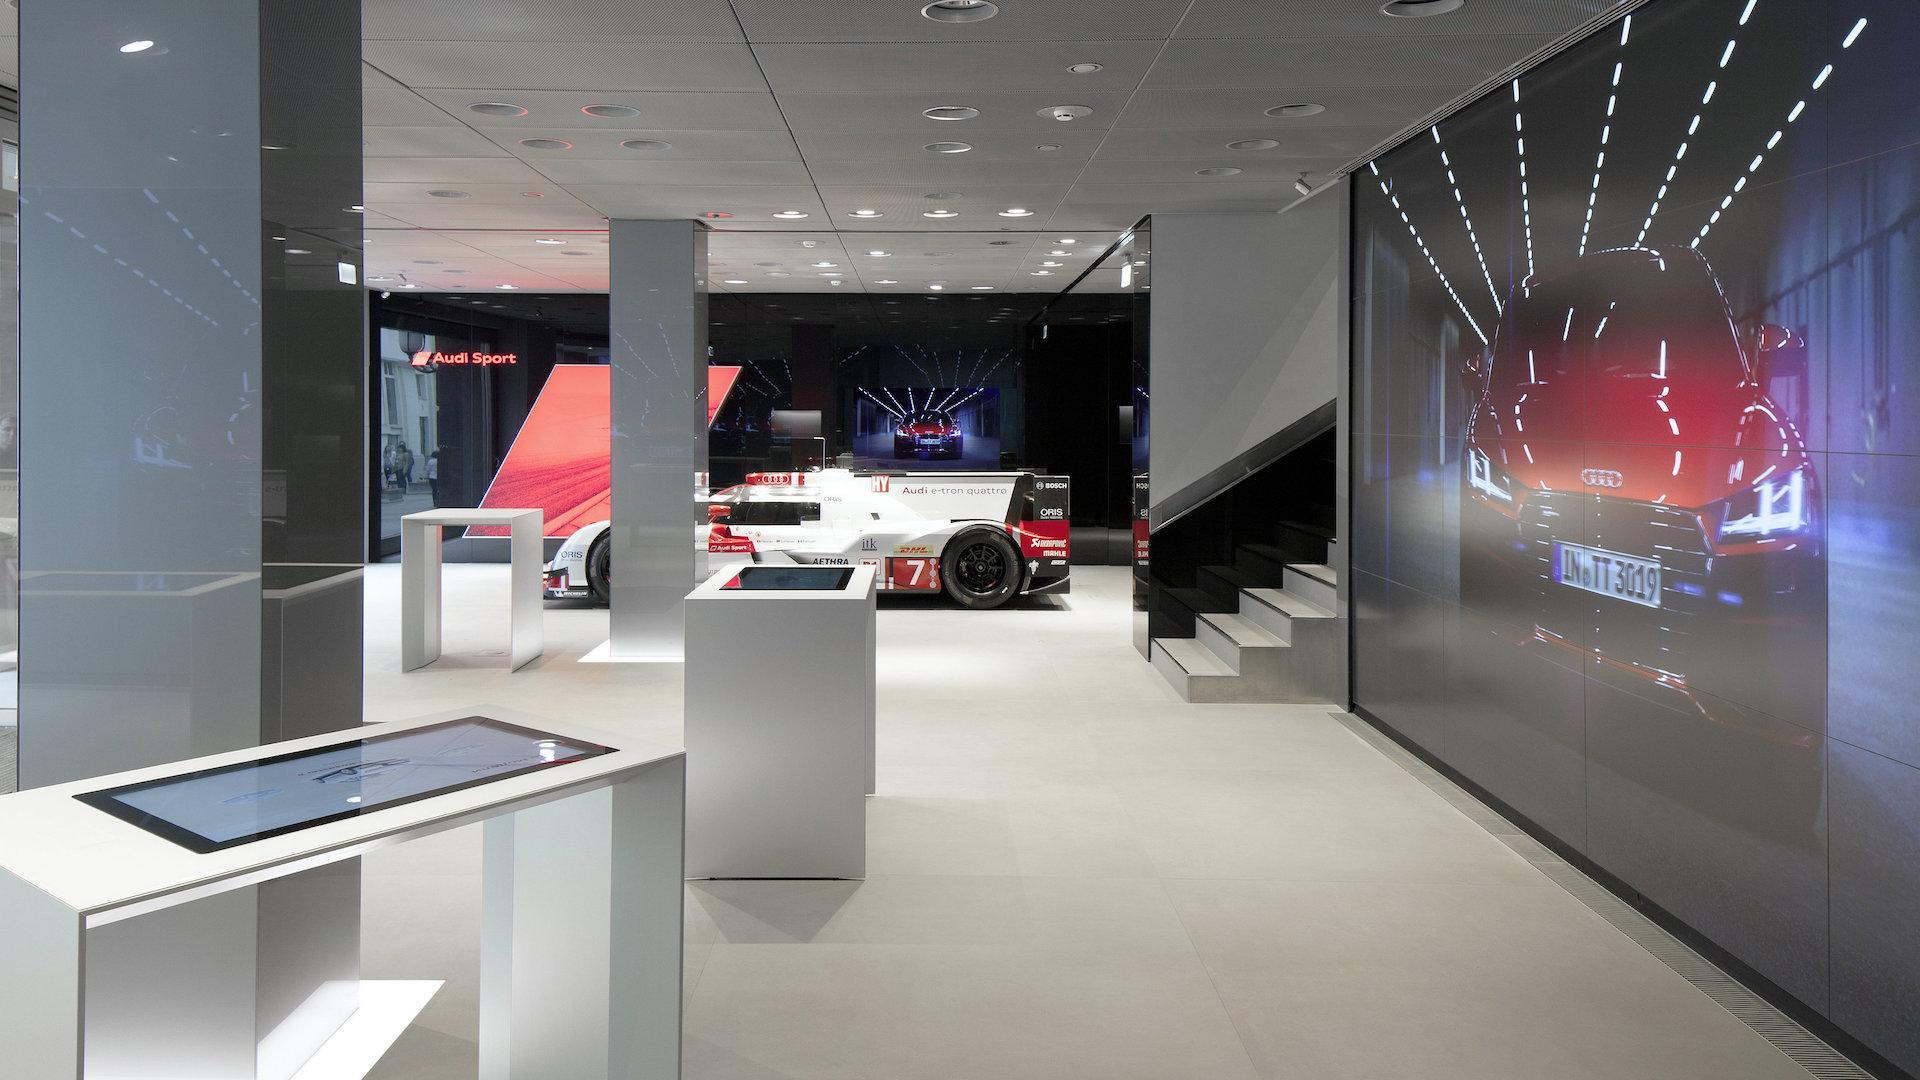 Abrió el sexto ciberconcesionario Audi City del mundo. ¿Dónde?